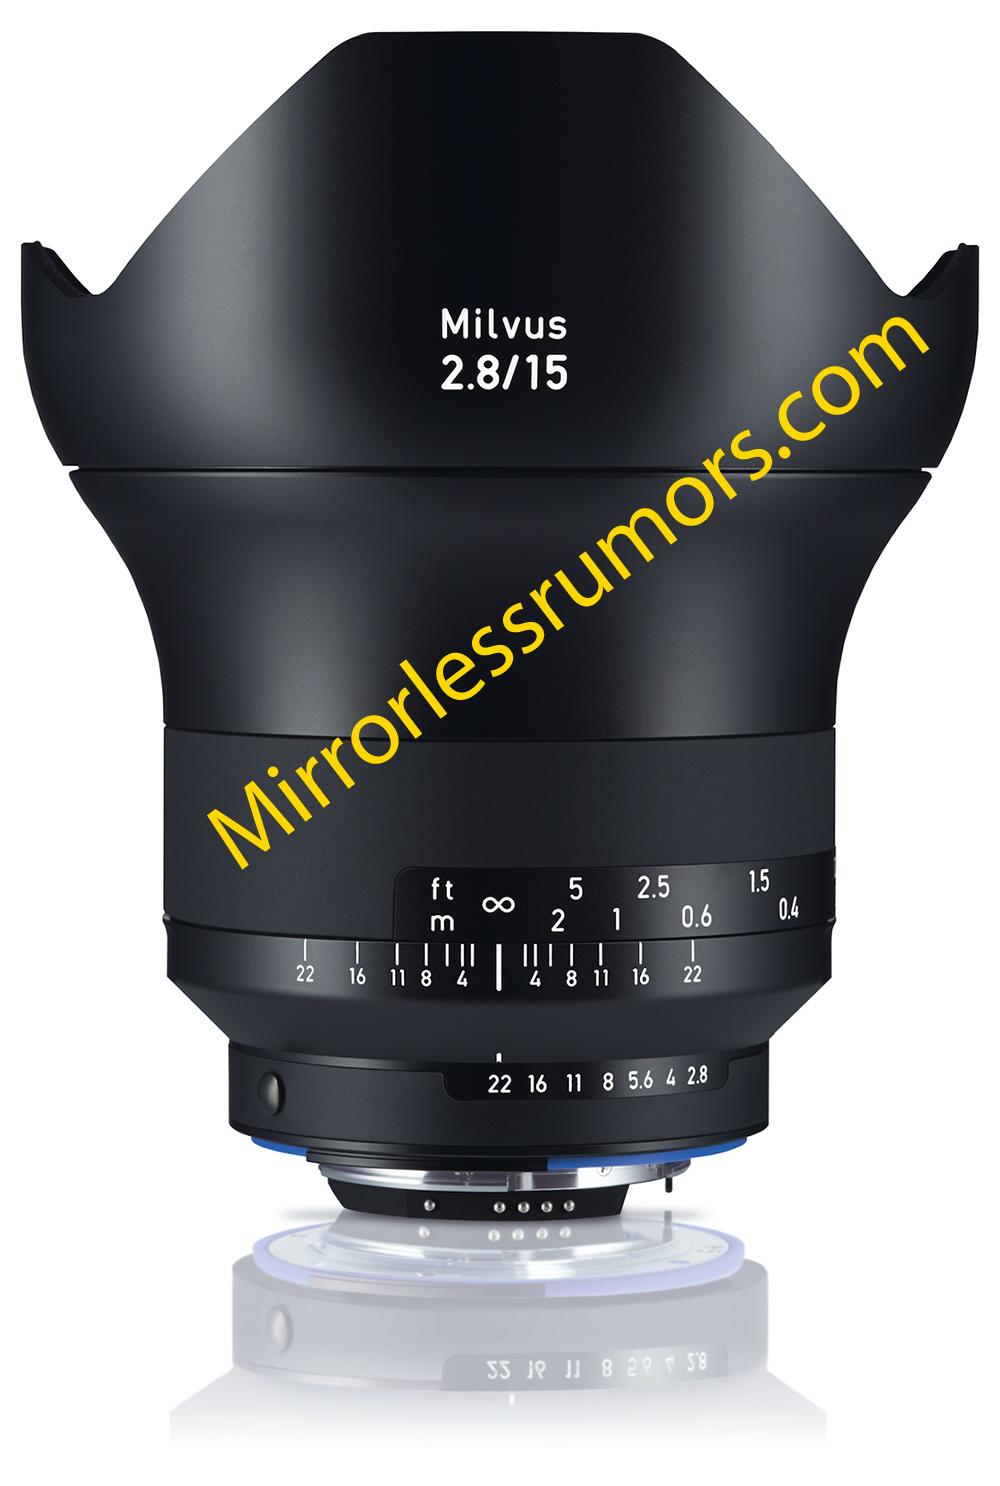 Nikon_MIlvus_15mm